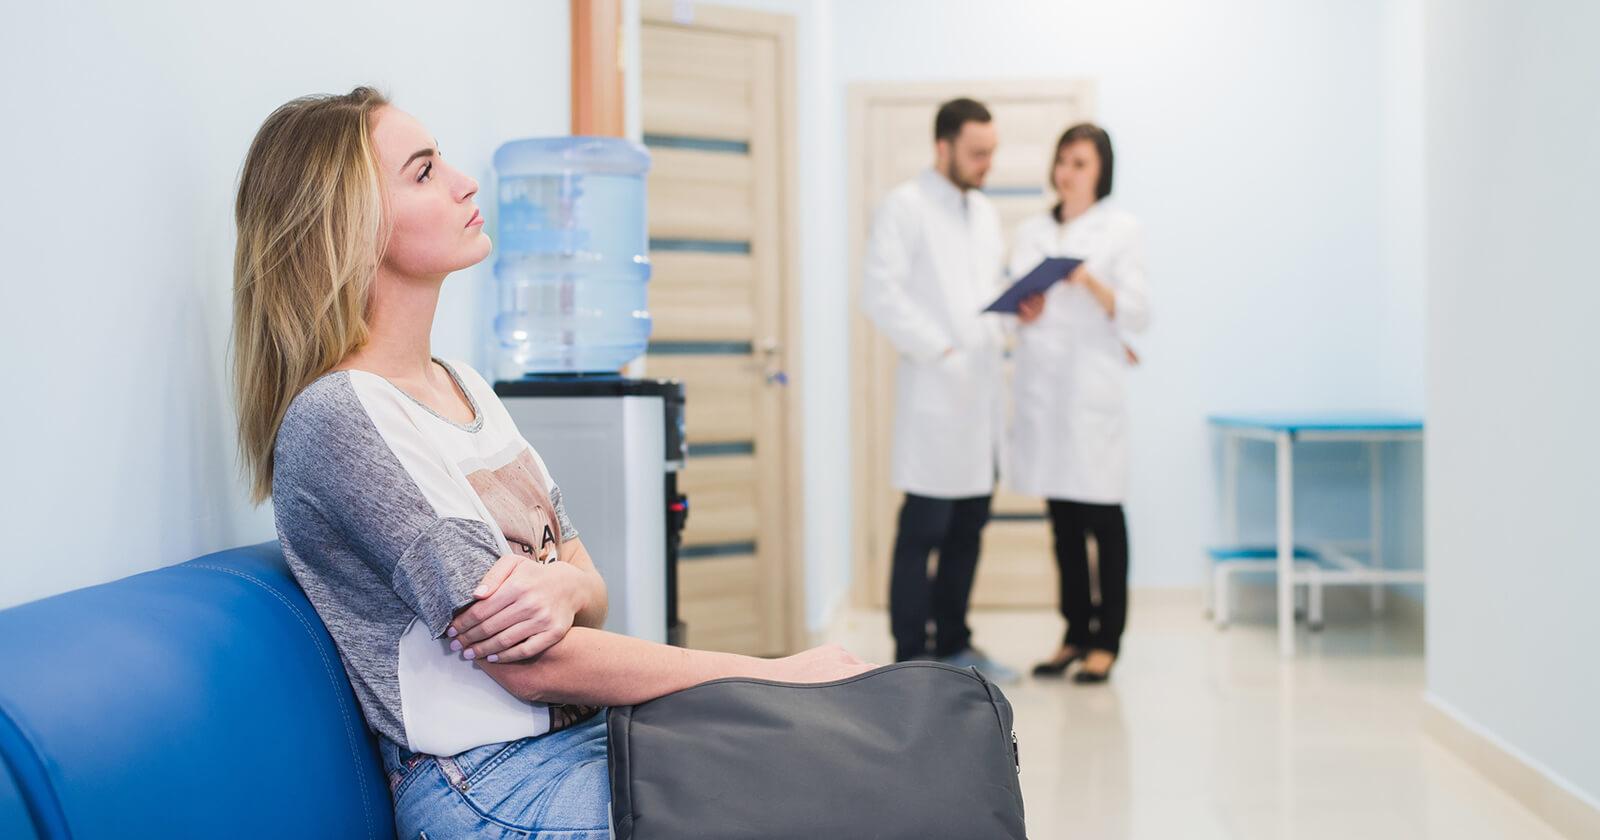 Hämorrhoiden analvenenthrombose unterschied Analvenenthrombose ?